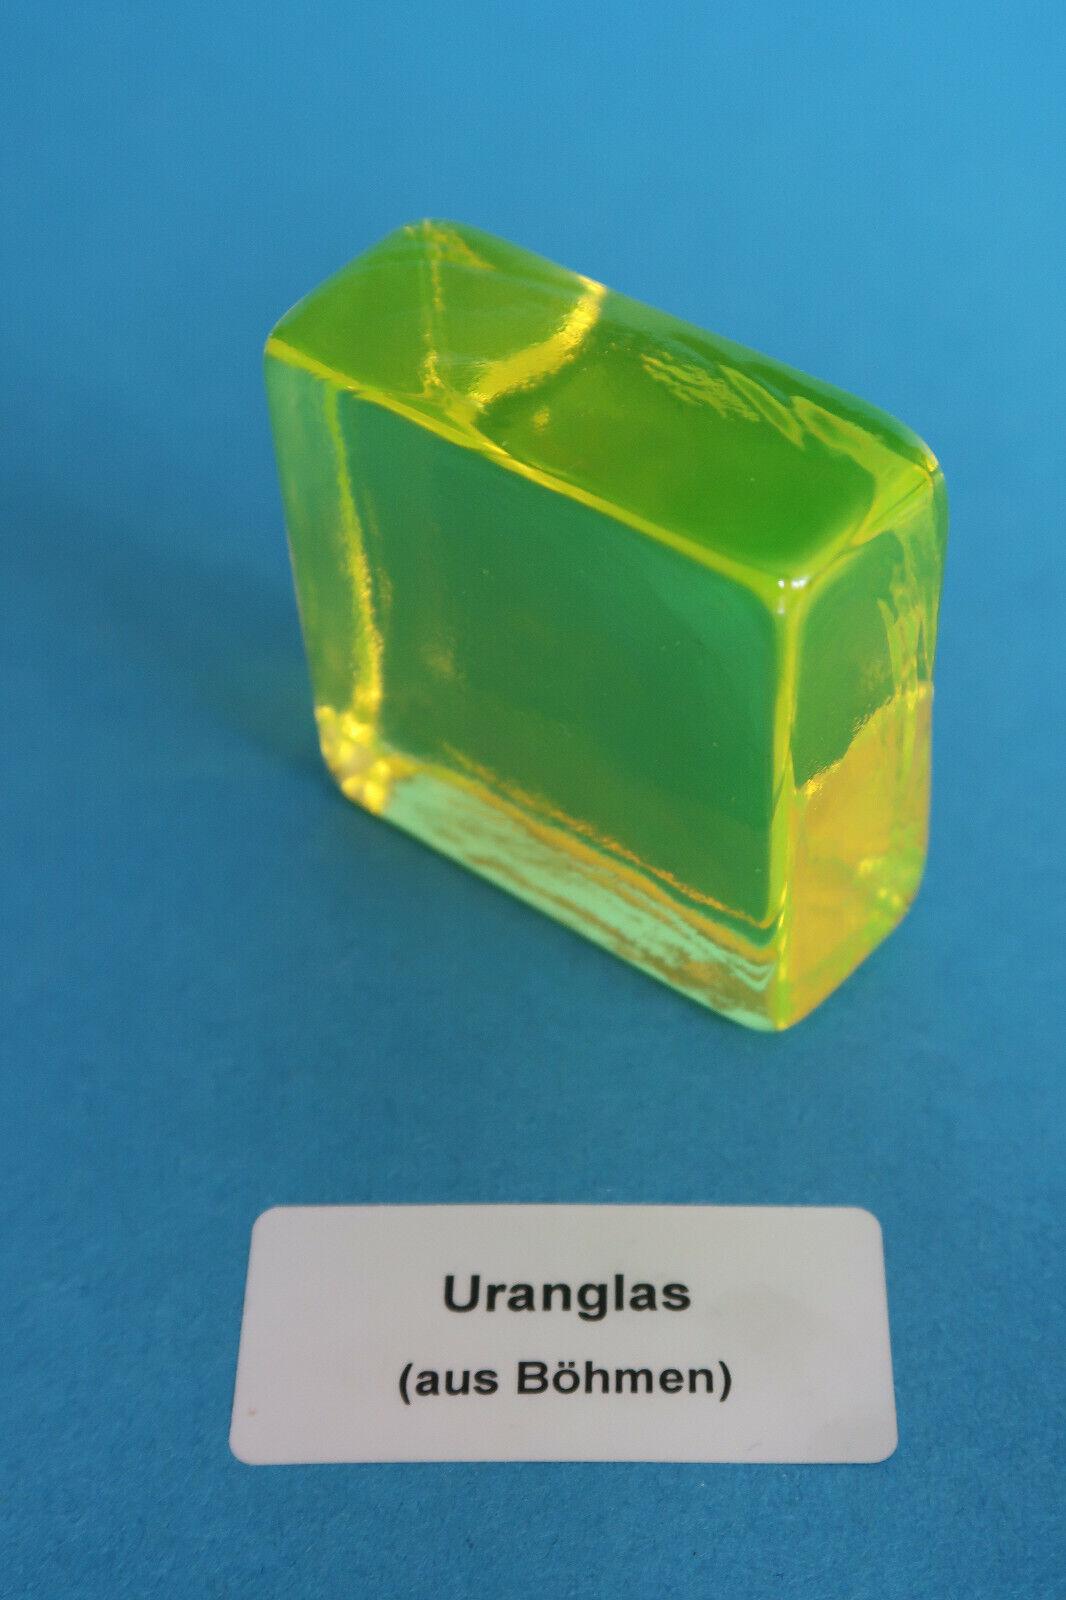 Uranglas Block 100 Gramm Uranium glass Prüfstrahler Geigerzähler 50x50 mm